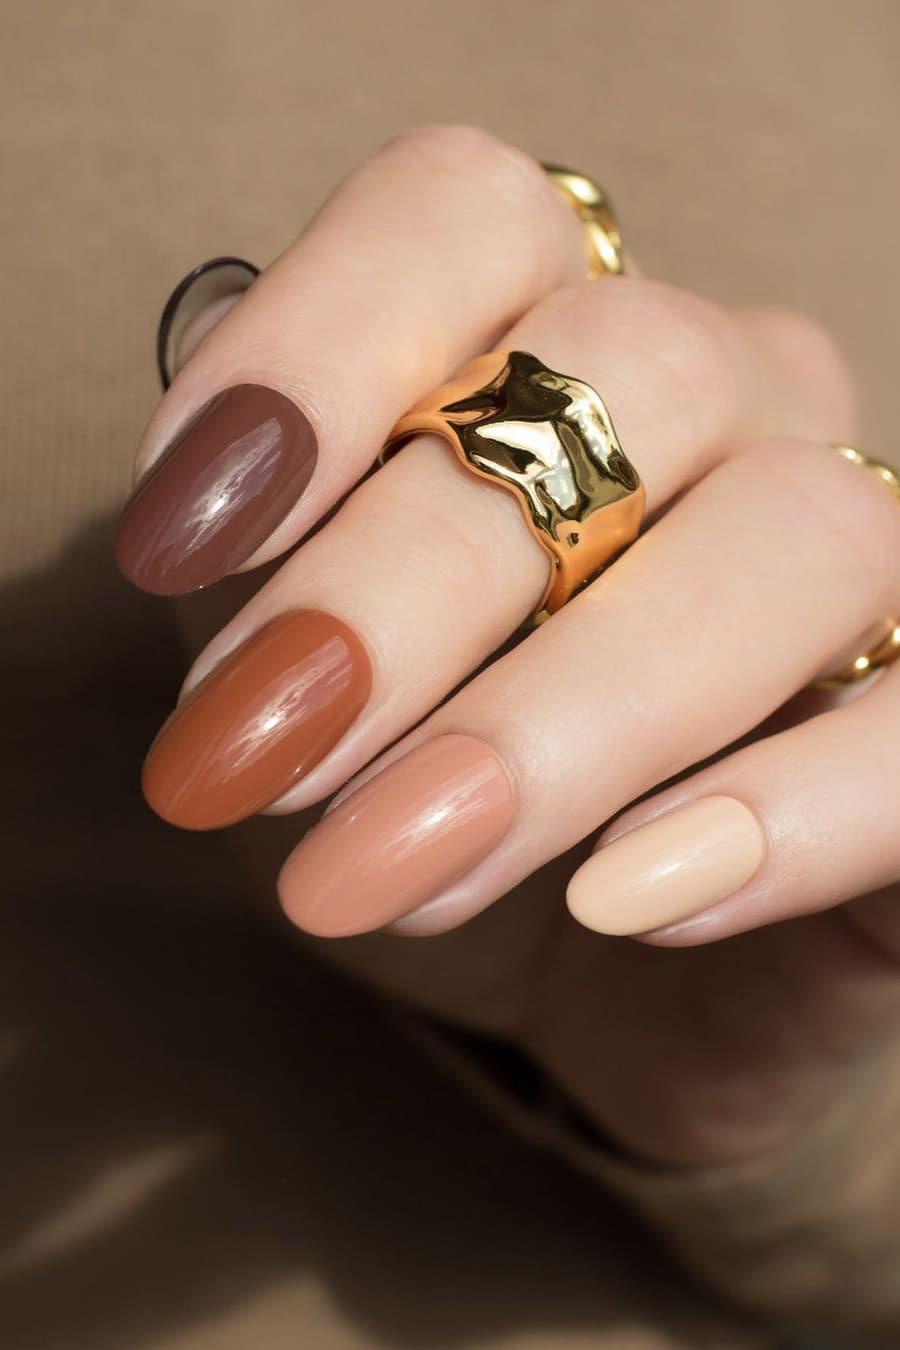 Mixed brown nails